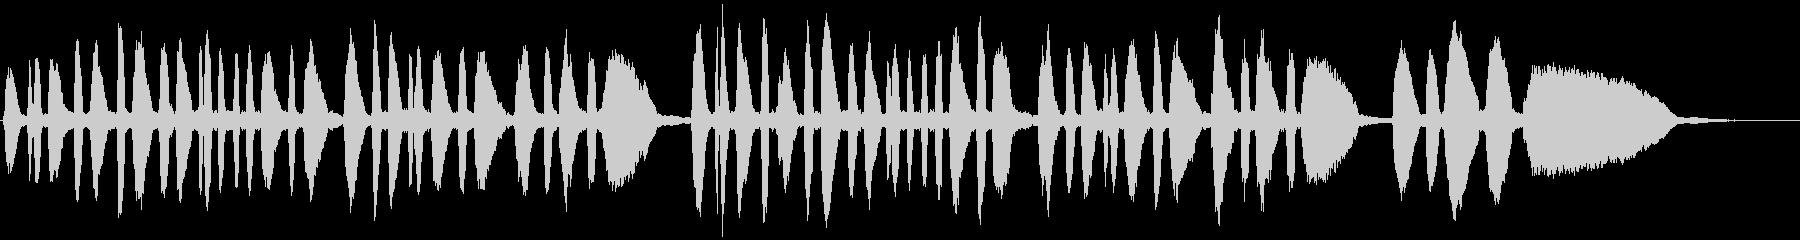 【生】金管=穏やかなファンファーレの未再生の波形